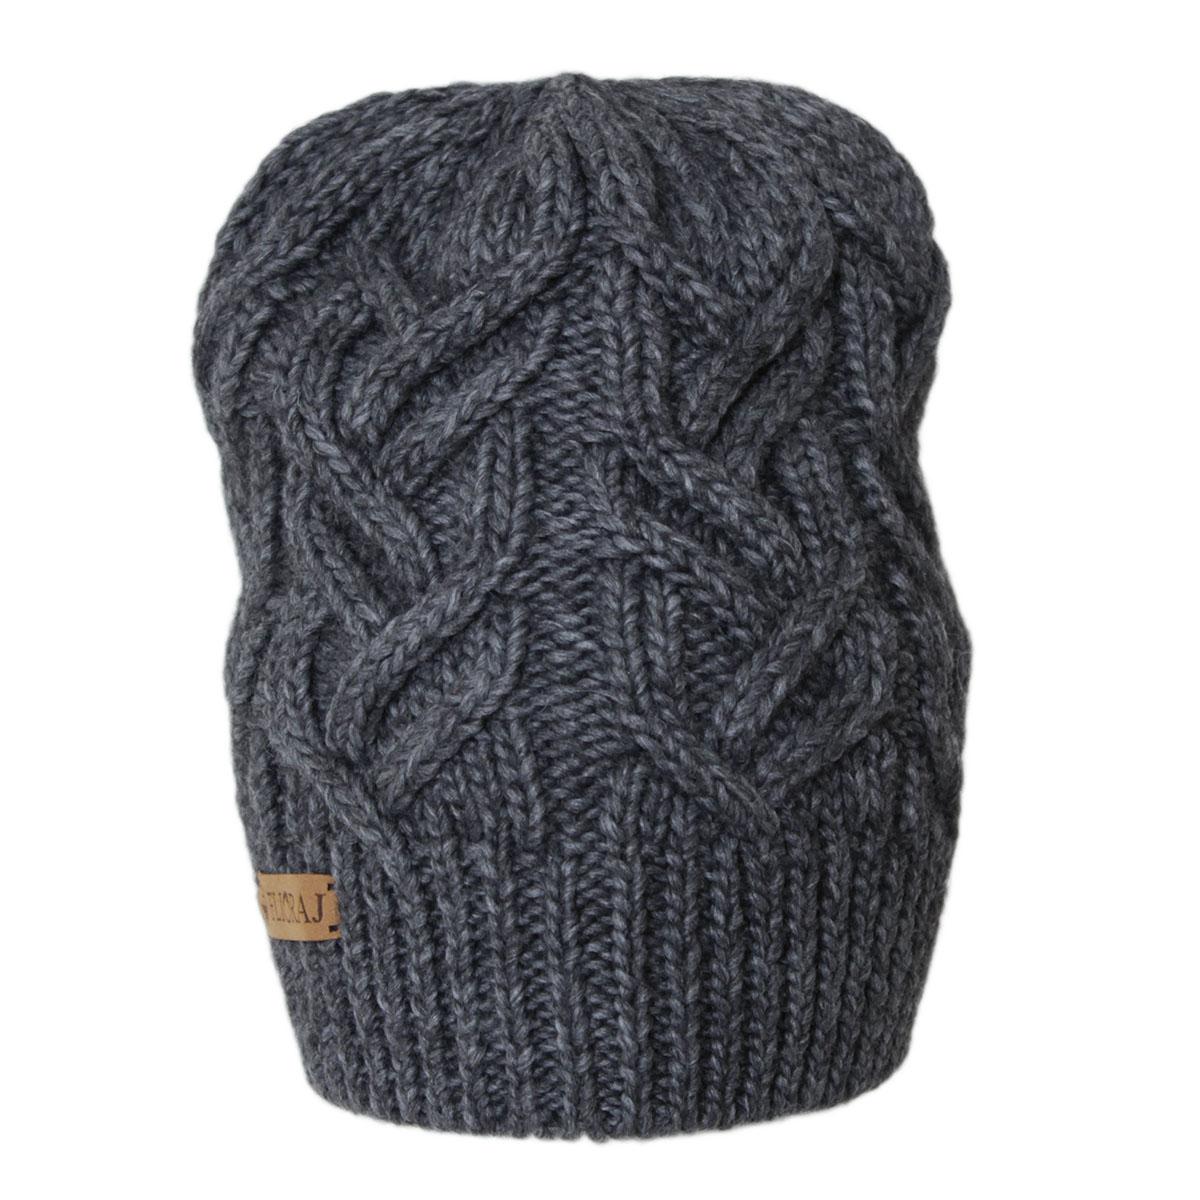 Шапка женская. 307FJ307FJТеплая шапка связанная из объемной итальянской пряжи, украшена ажурными модными косами и нашивкой из натуральной кожи. Выполнена модной рельефной вязкой. Отлично защитит от холода.